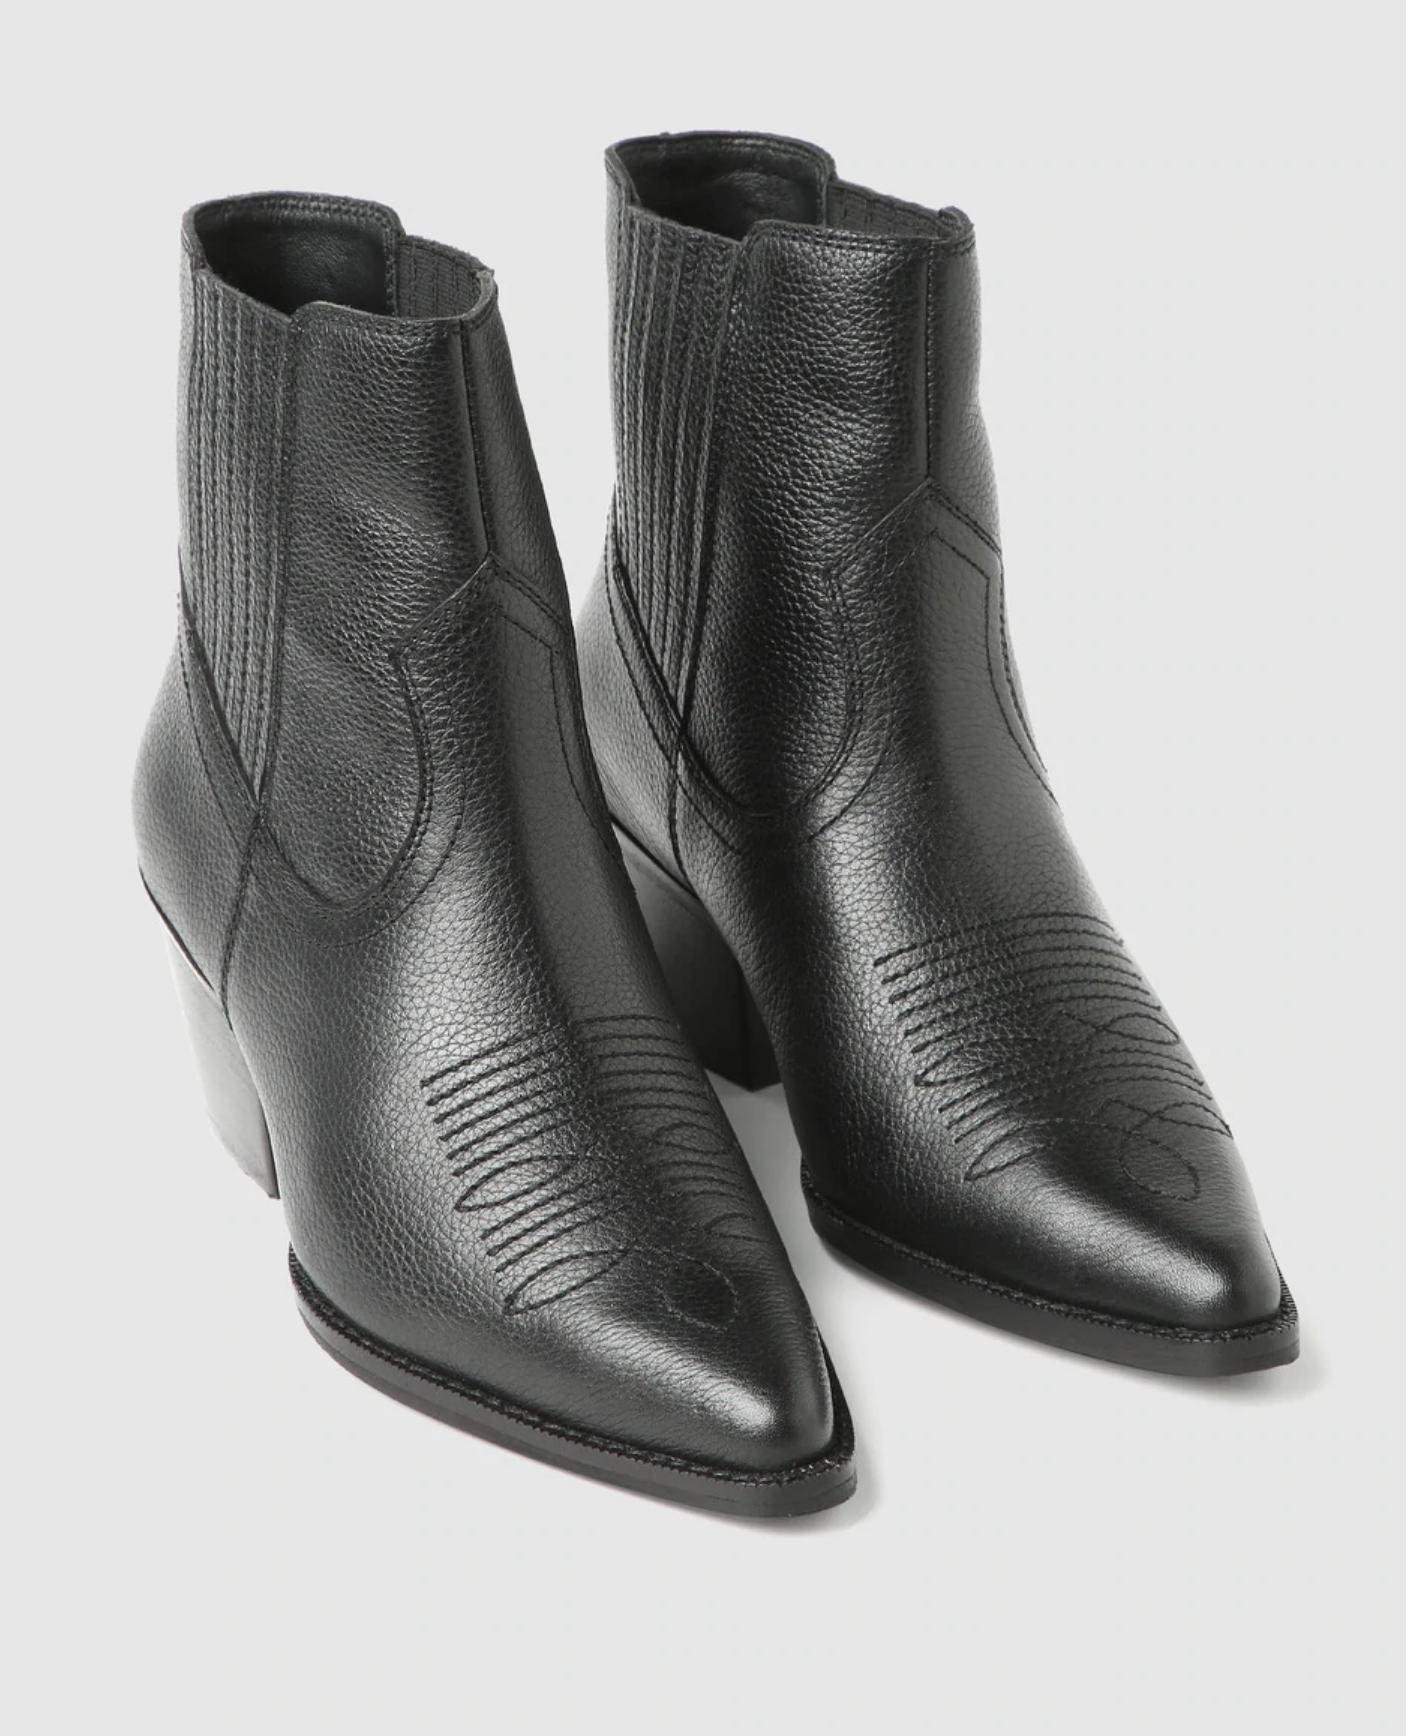 Botines de mujer Zendra Basic de piel en color negro estilo cowboy